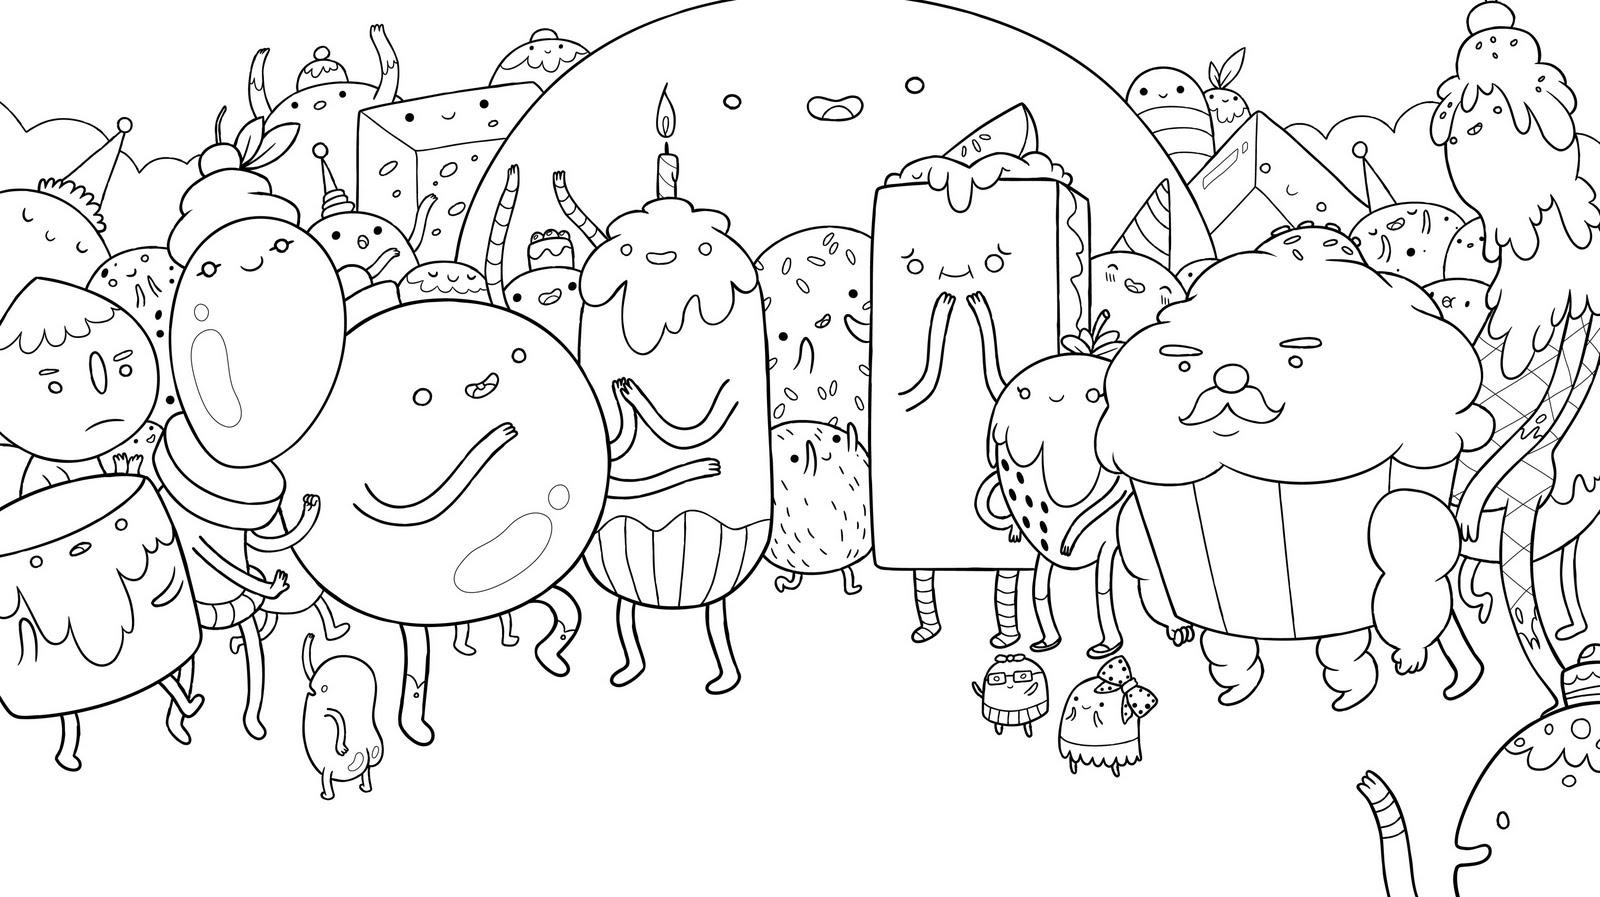 раскраски на тему время приключений     раскраски на тему время приключений для мальчиков и девочек. Интересные раскраски с персонажами мультфильма время приключений для детей